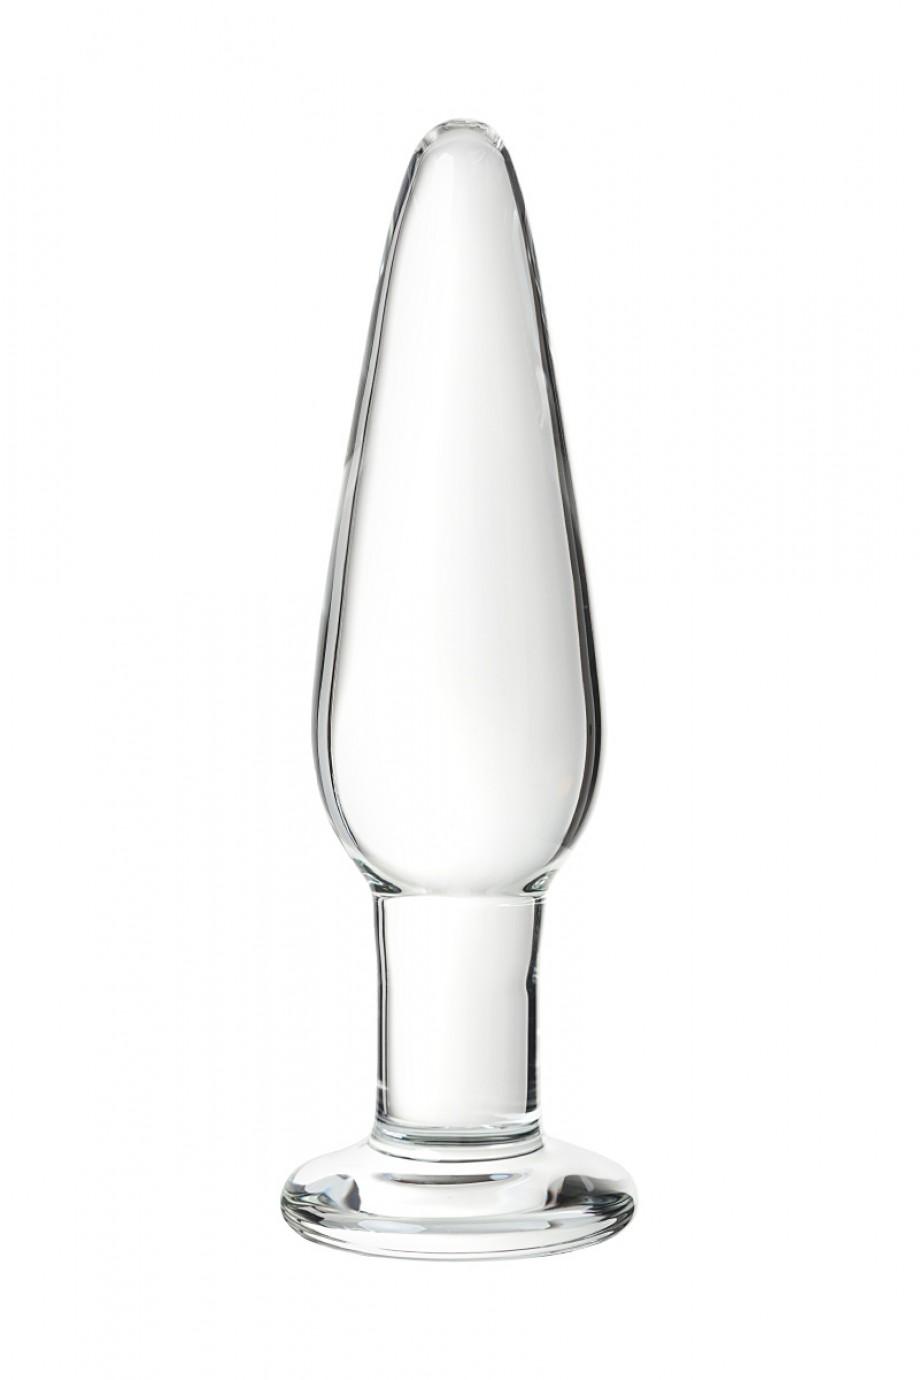 Набор анальных втулок Sexus Glass, 14/12,5/12 см, Ø 4/3,5/3 см